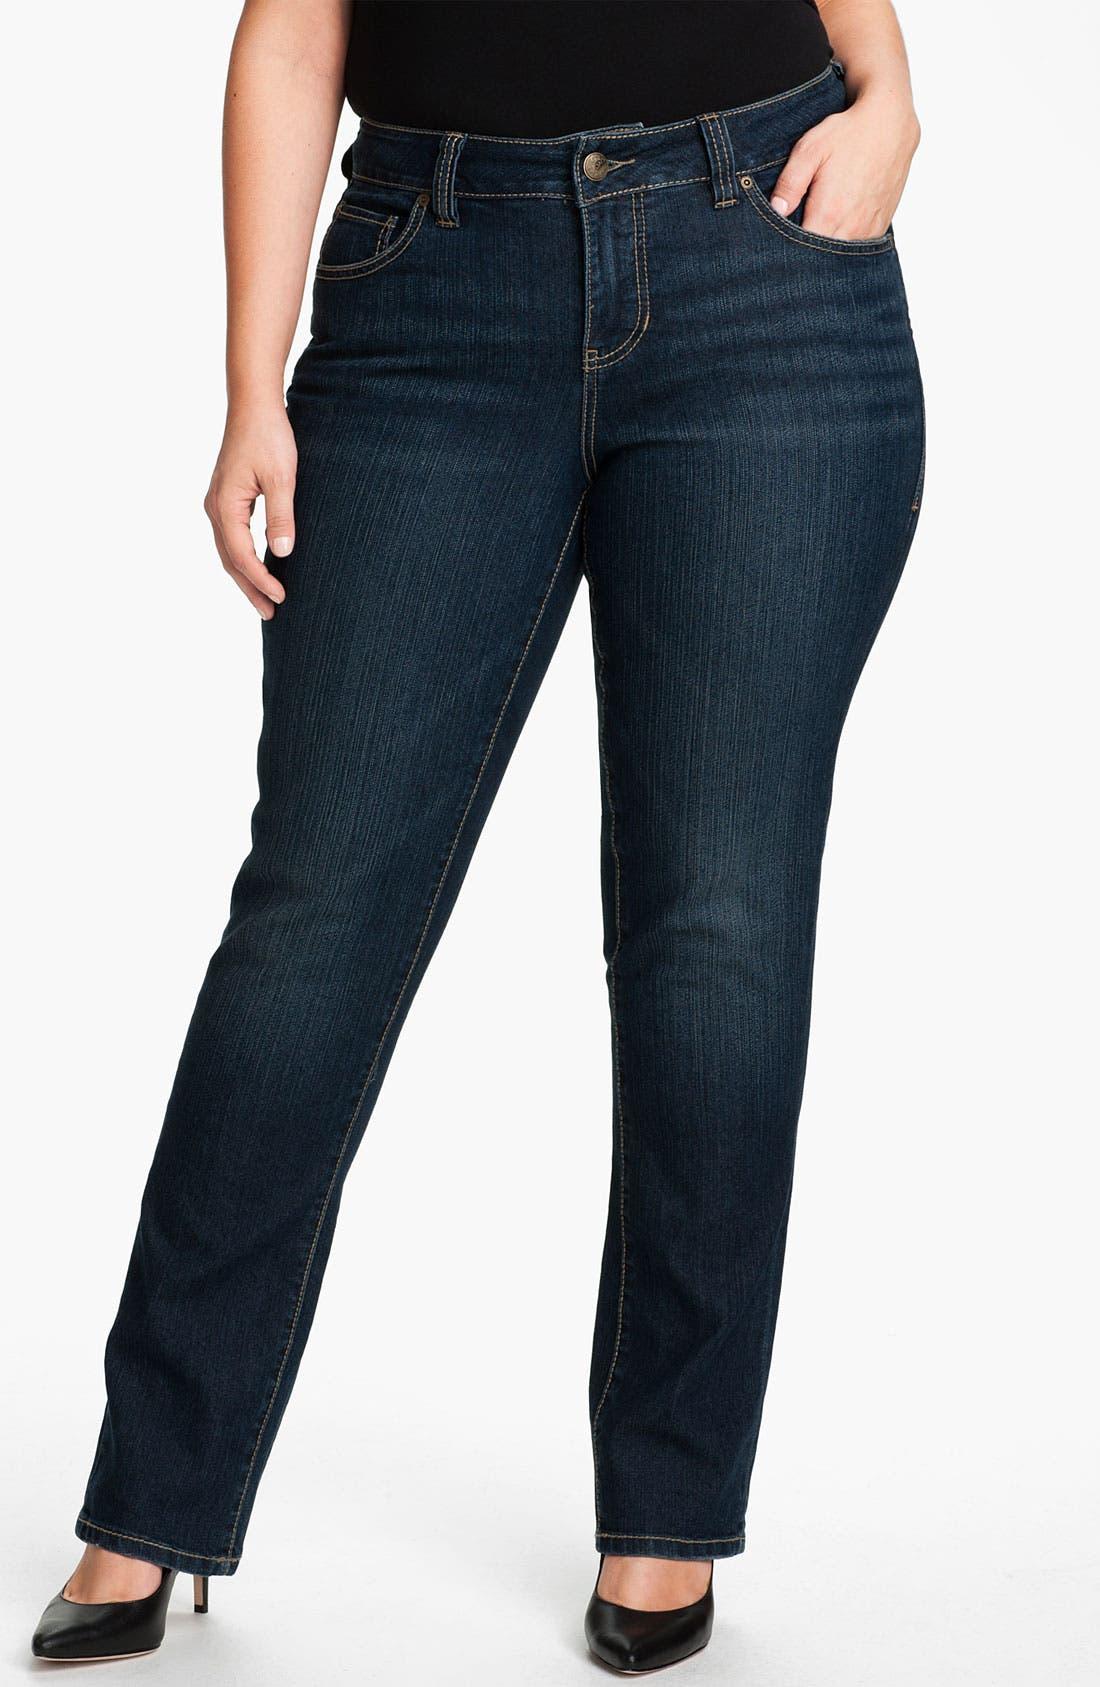 Alternate Image 1 Selected - Jag Jeans 'Celia' Straight Leg Jeans (Plus)